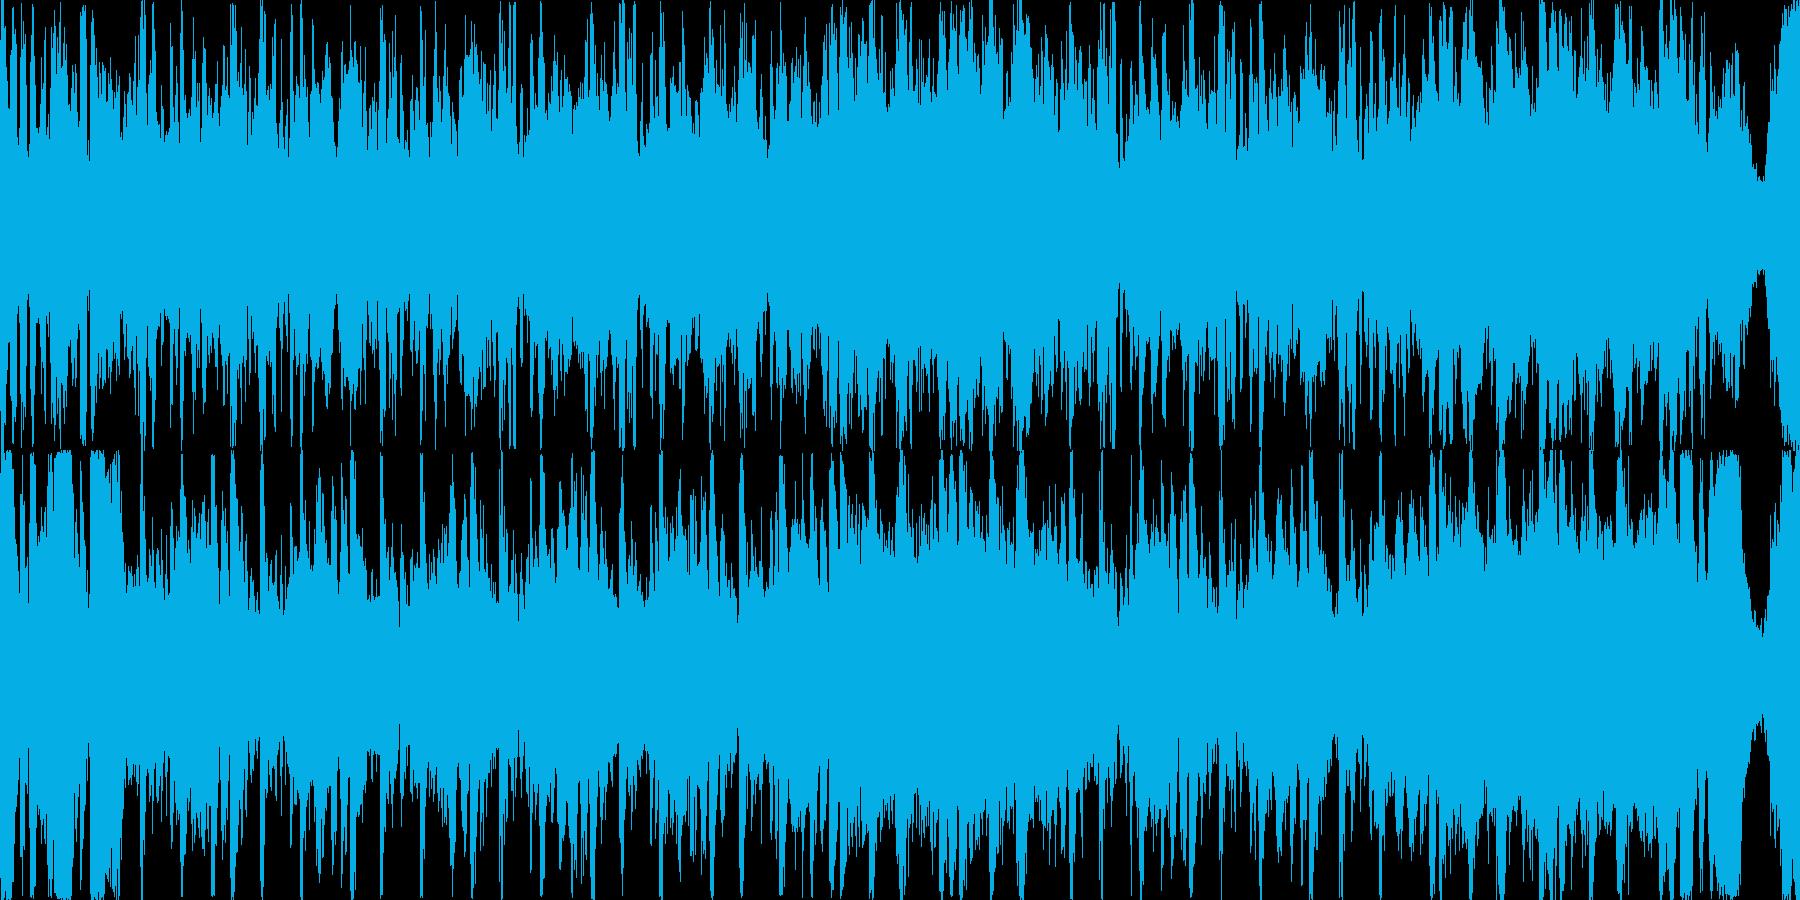 緊張感のあるクラシック曲の再生済みの波形